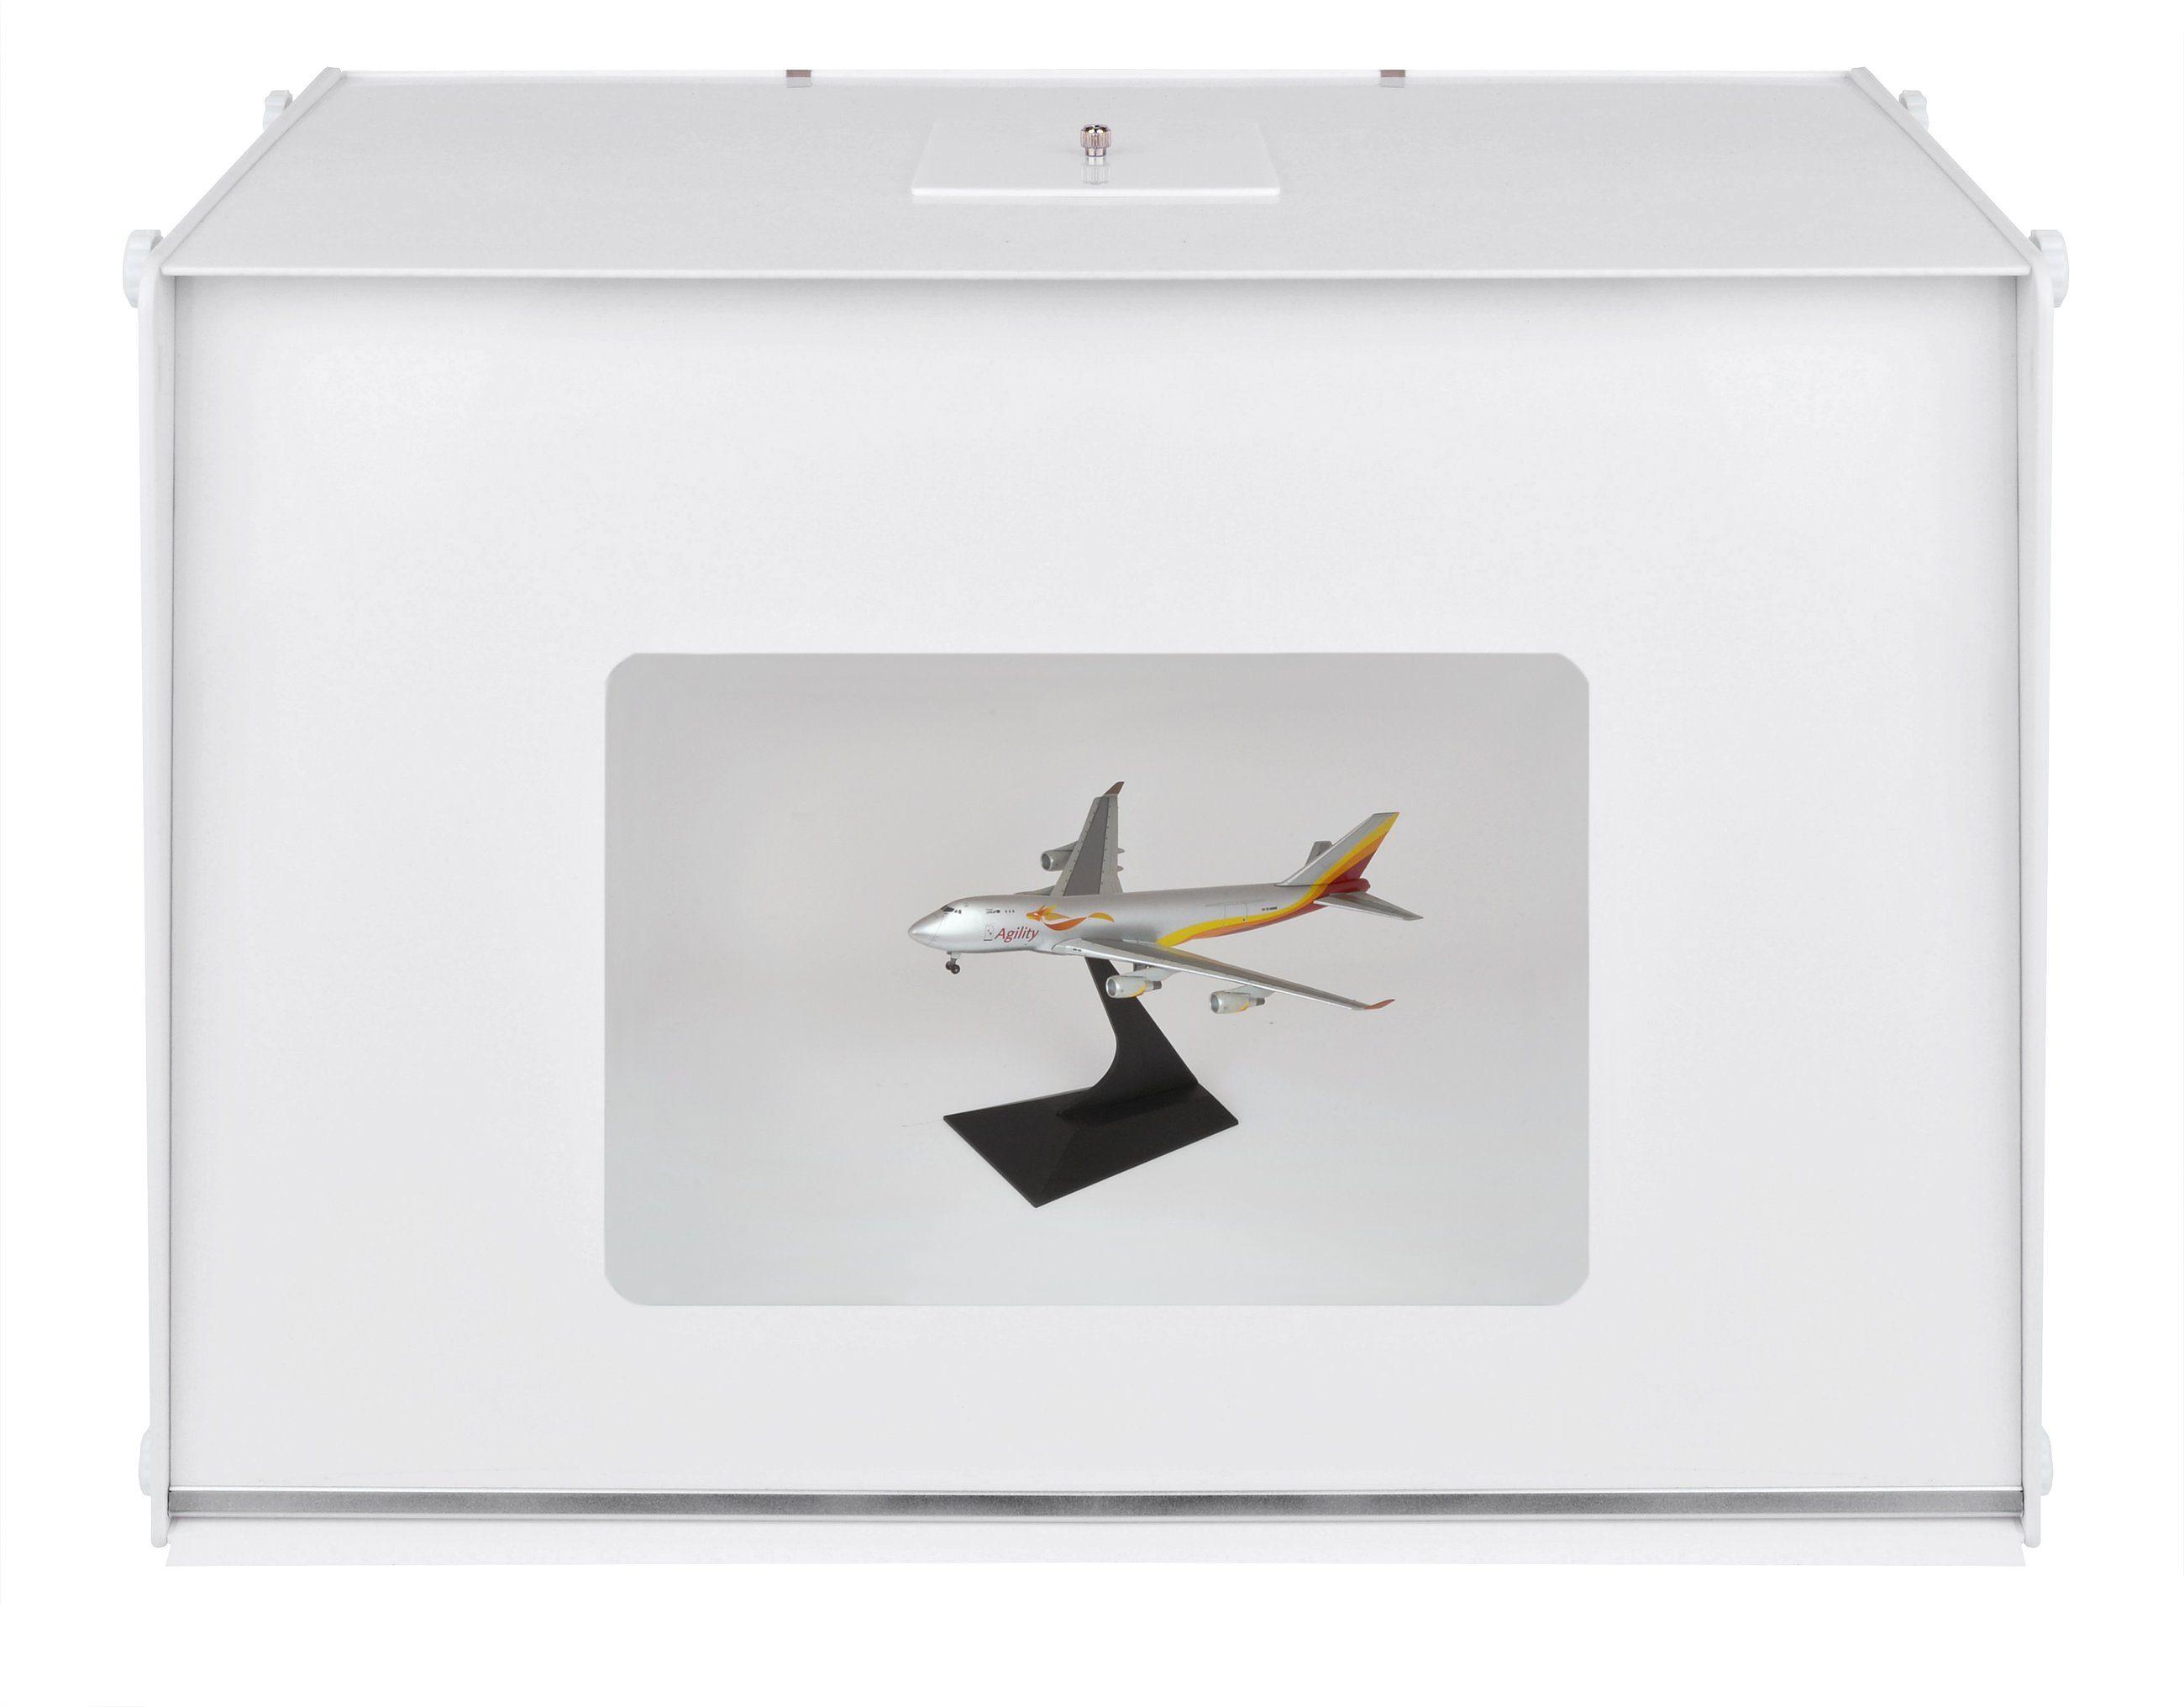 BRESSER Fotostudio »BRESSER BR-PH50 Lichtbox + Licht 50x40x39cm«